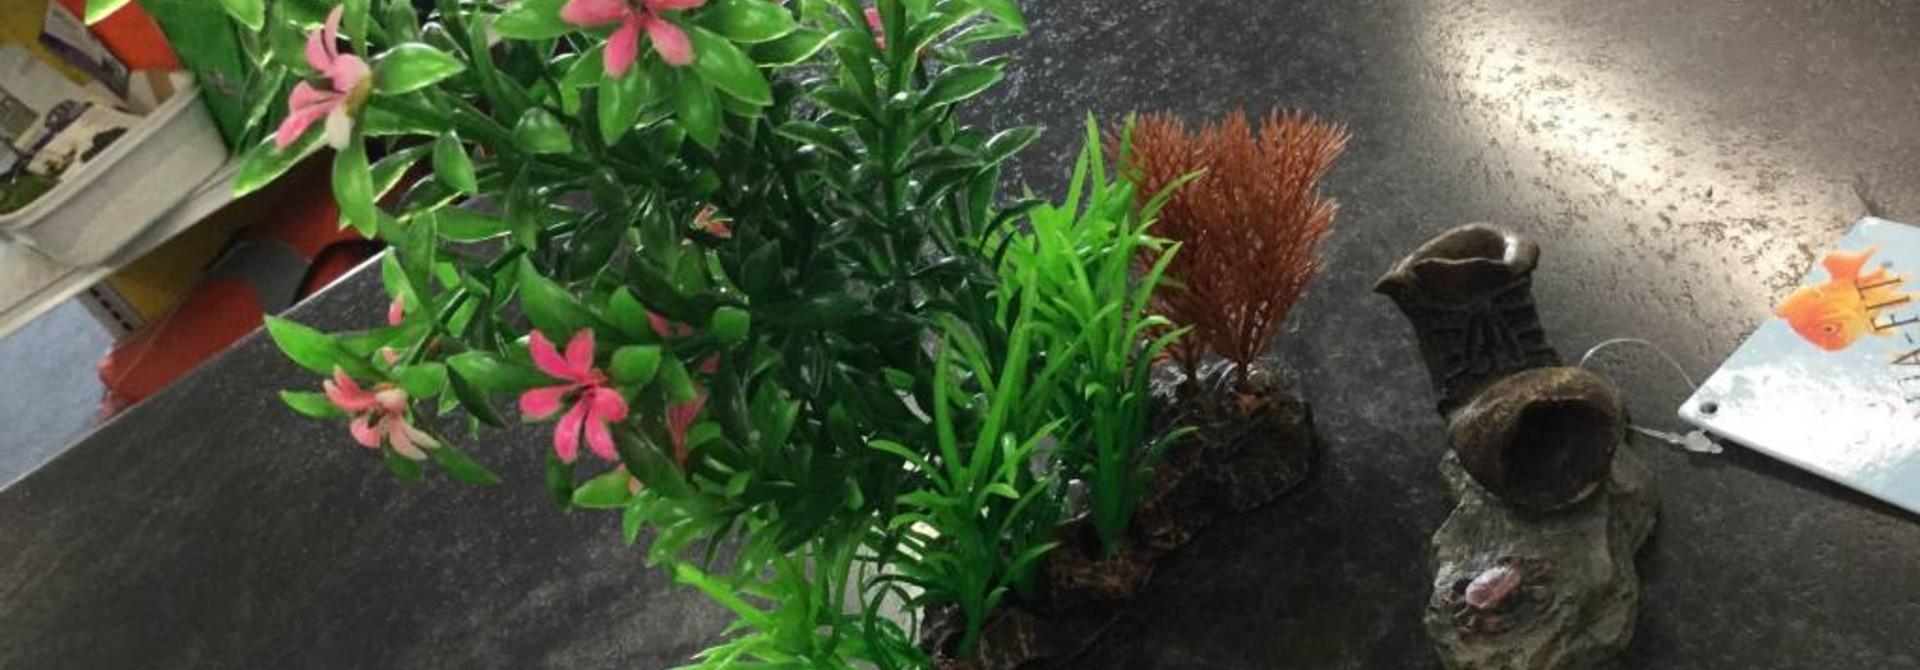 Aqua-Fit Aquarium Ornament Boot w/plants 2pc